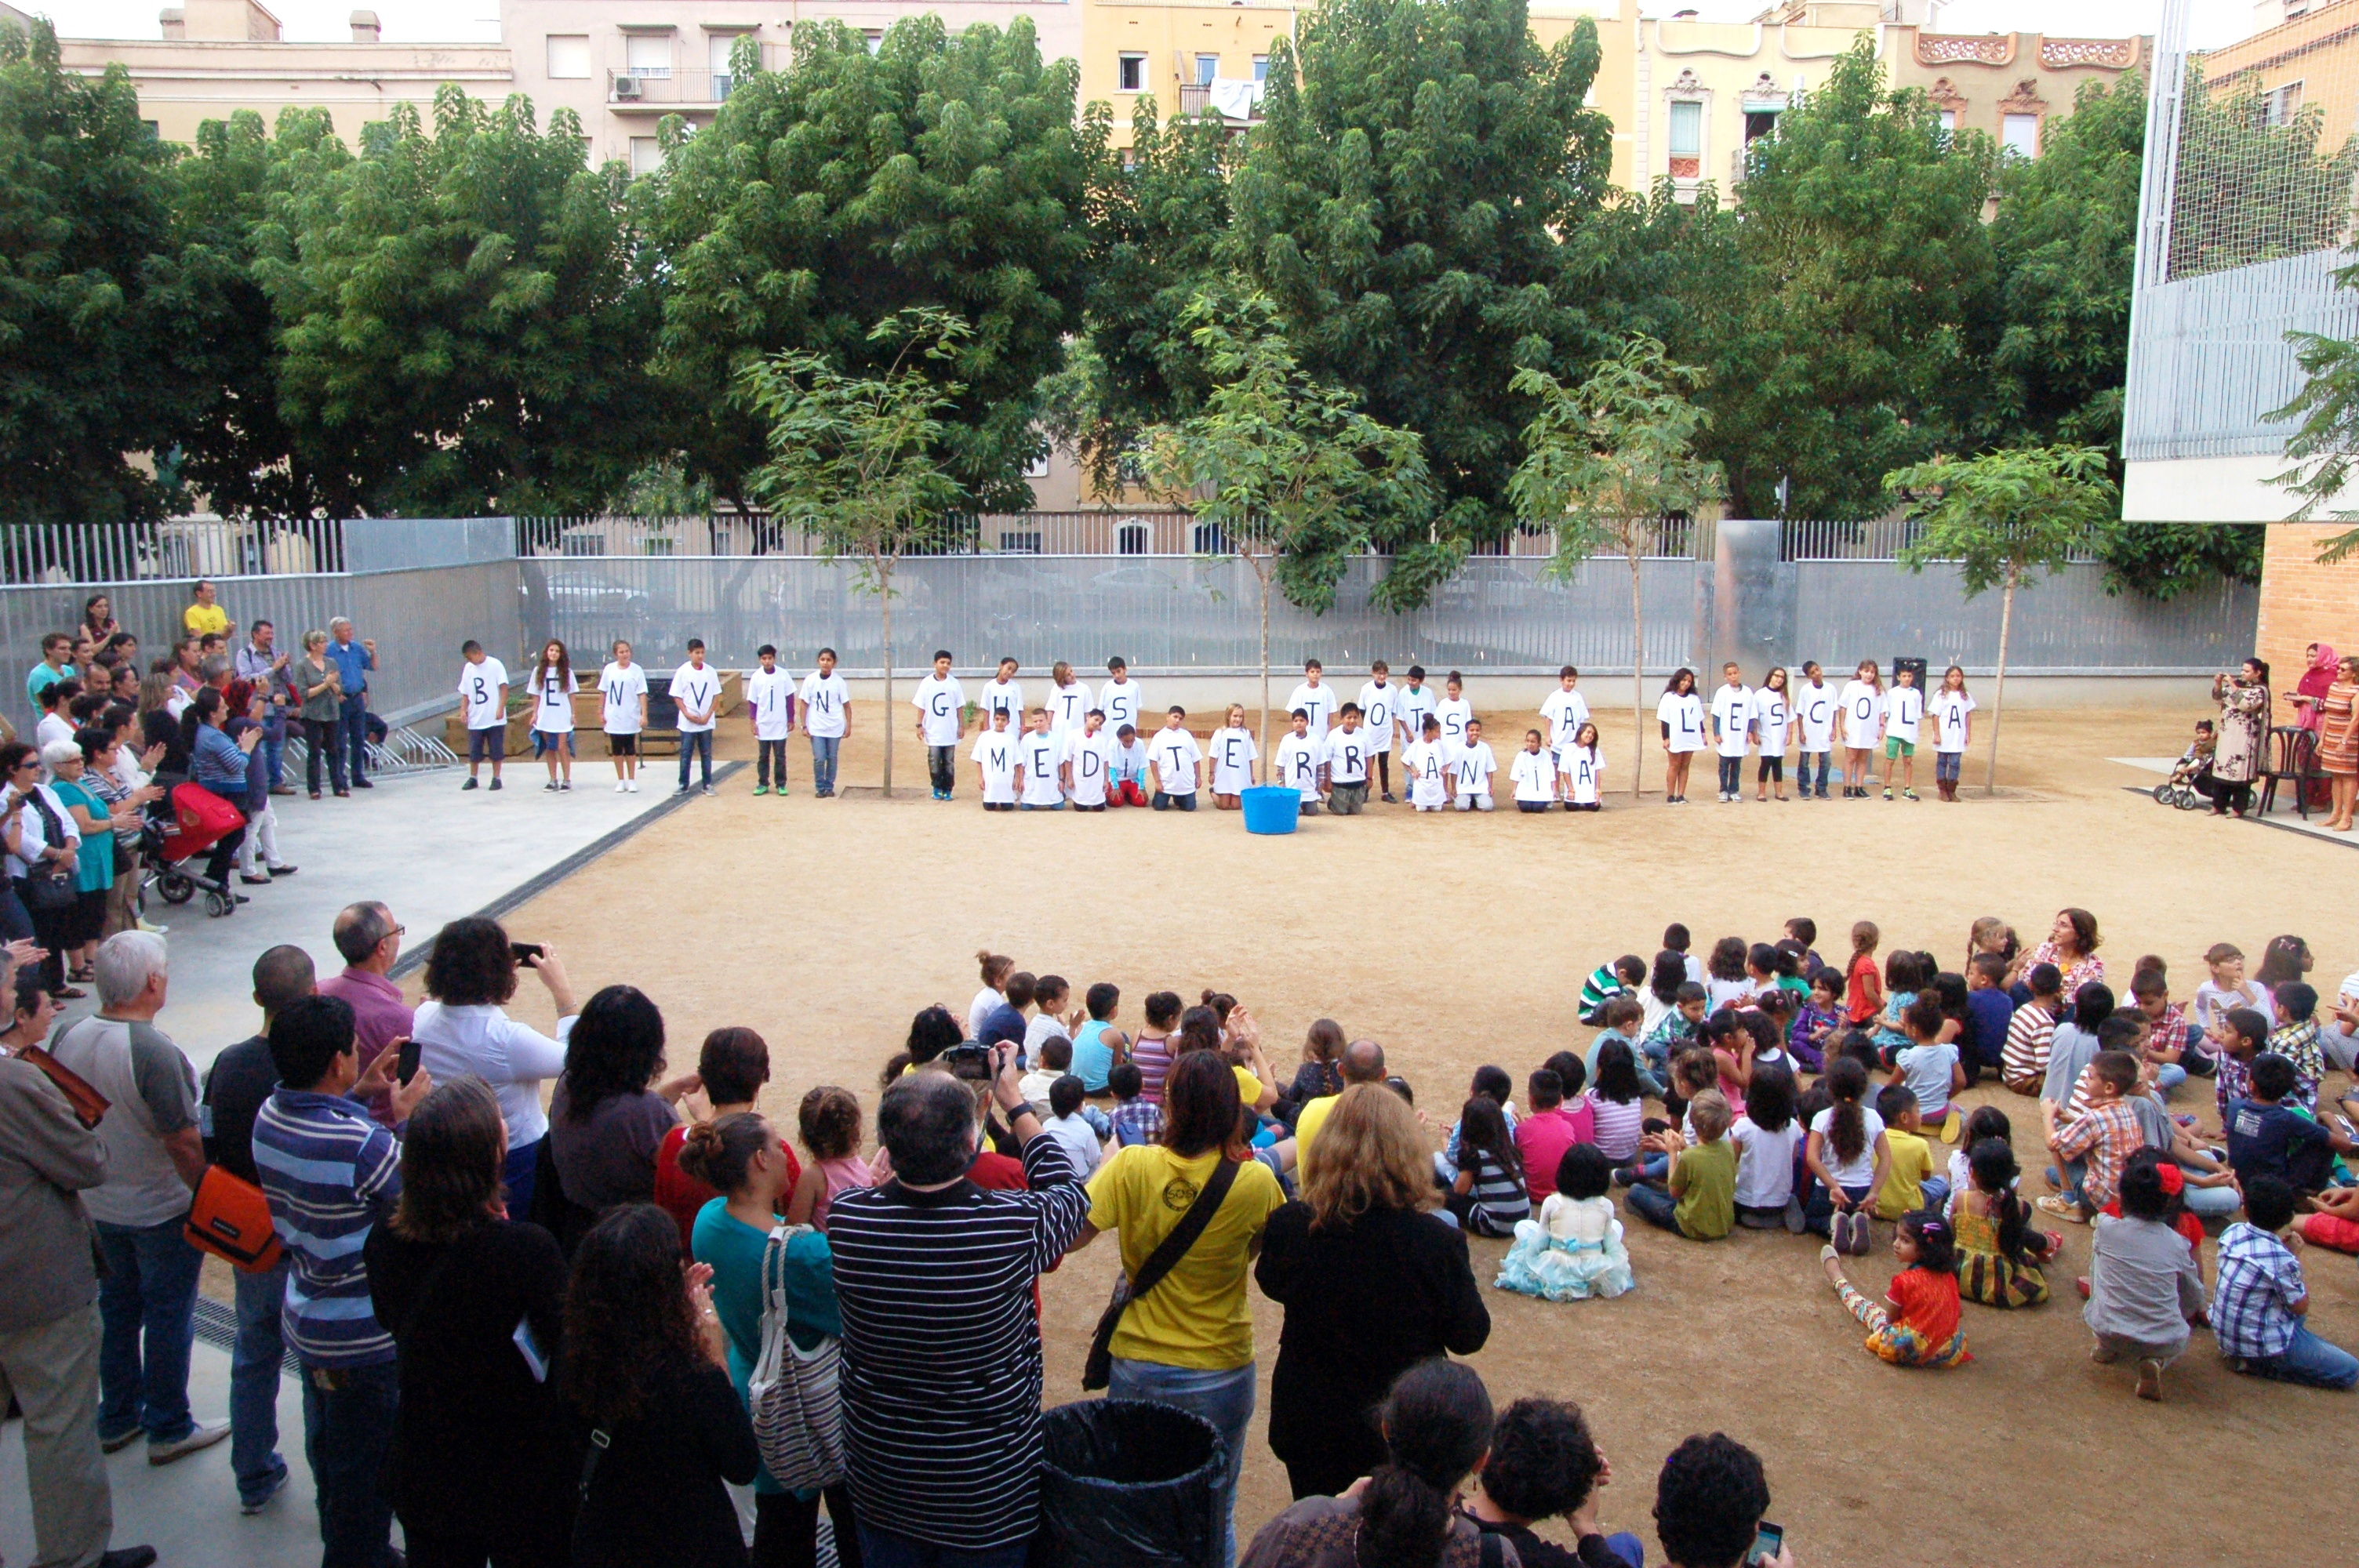 inauguracio_esc_mediterrania_web1